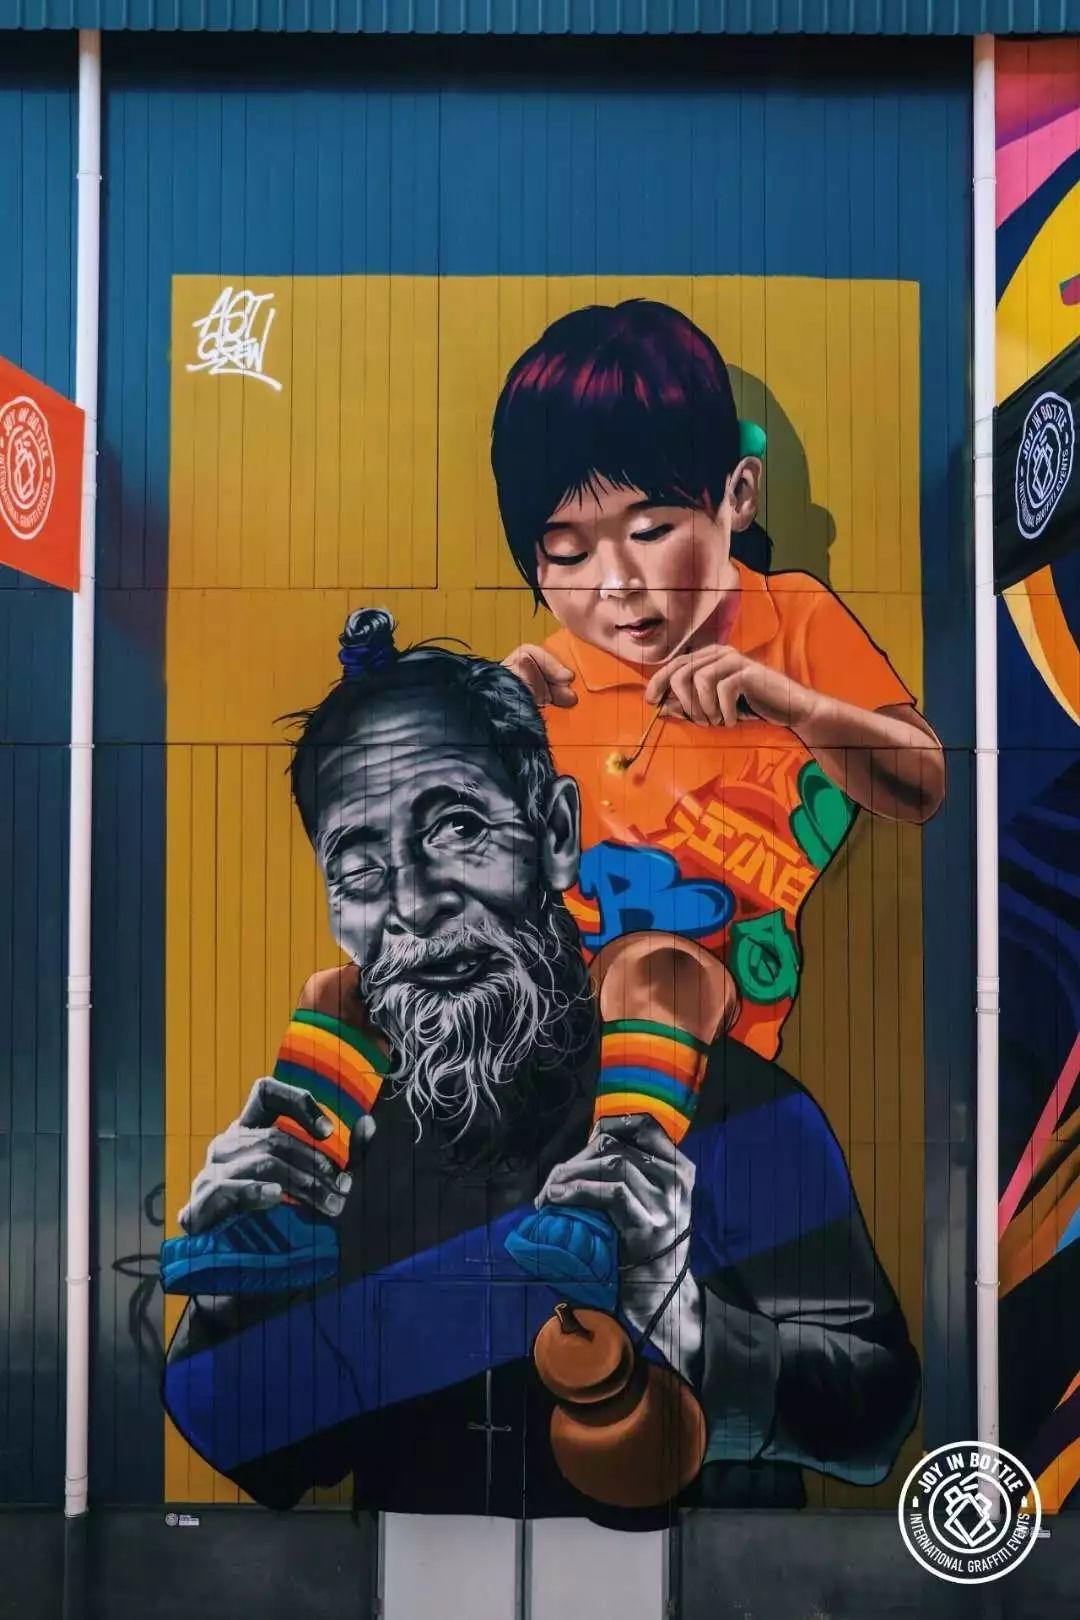 街舞涂鸦画_带你看江小白涂鸦大赛—重庆JOY IN BOTTLE | 嘻哈中国